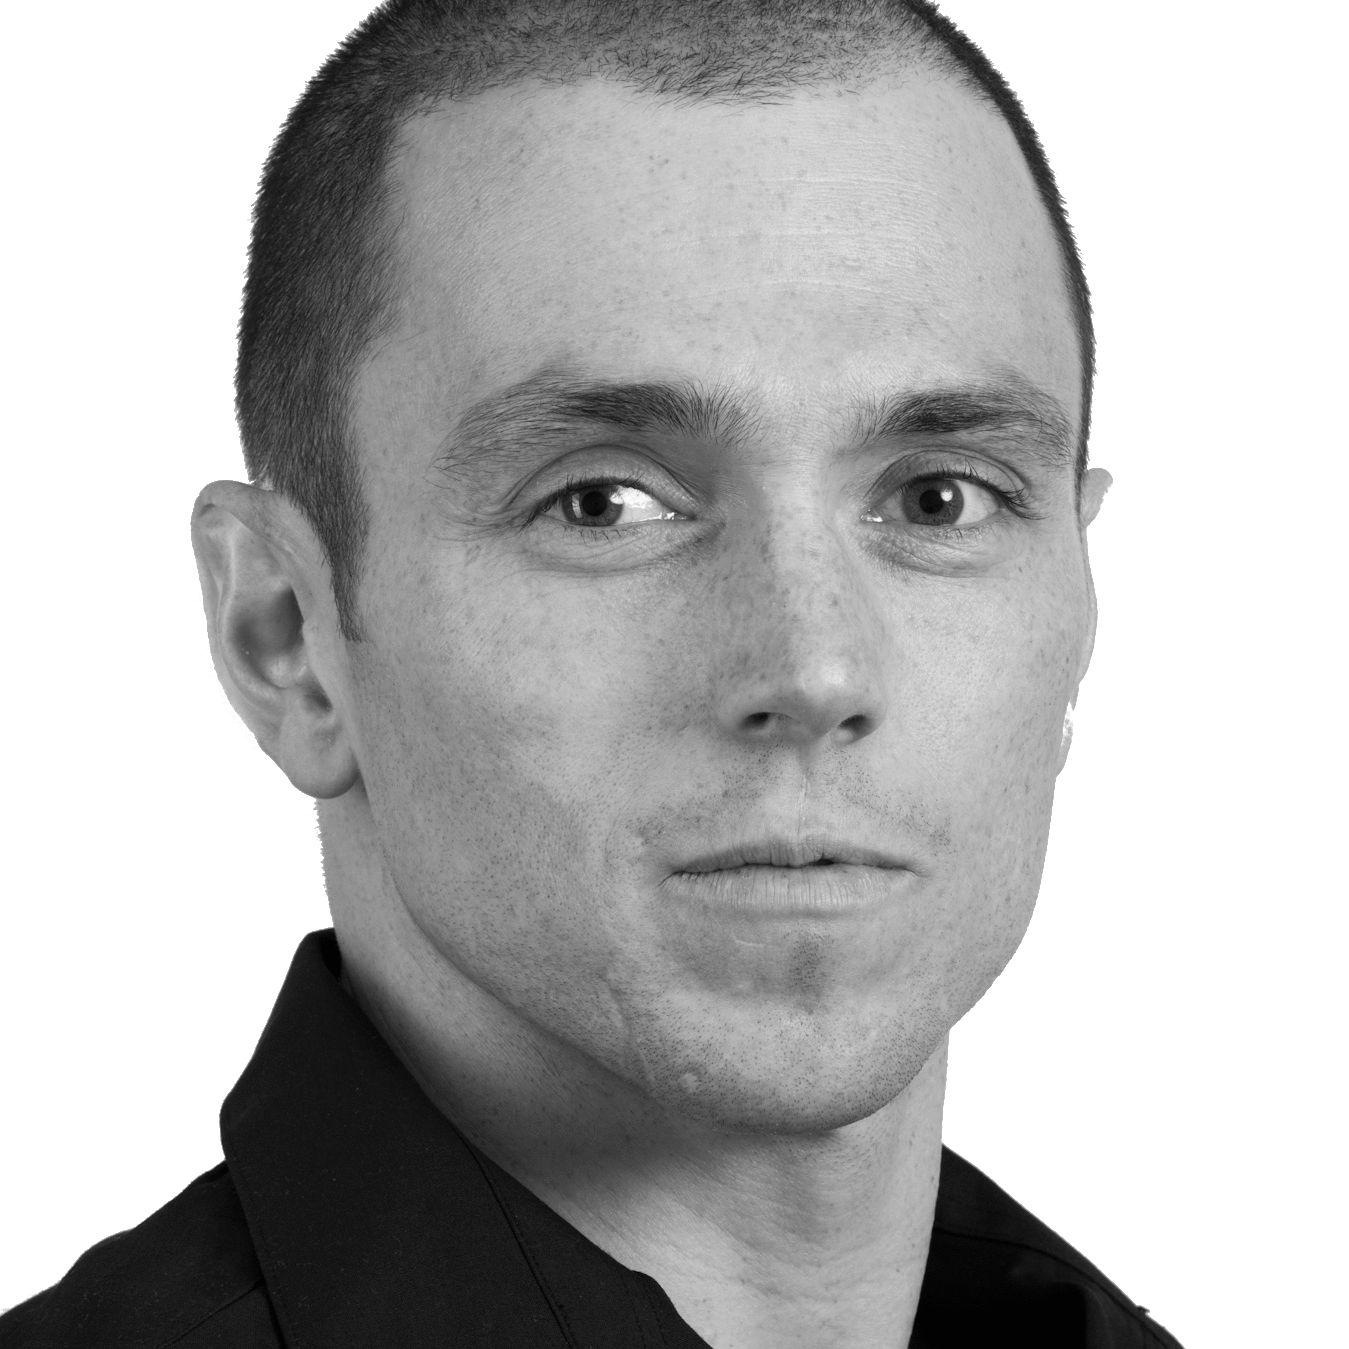 Markus Bremen Headshot